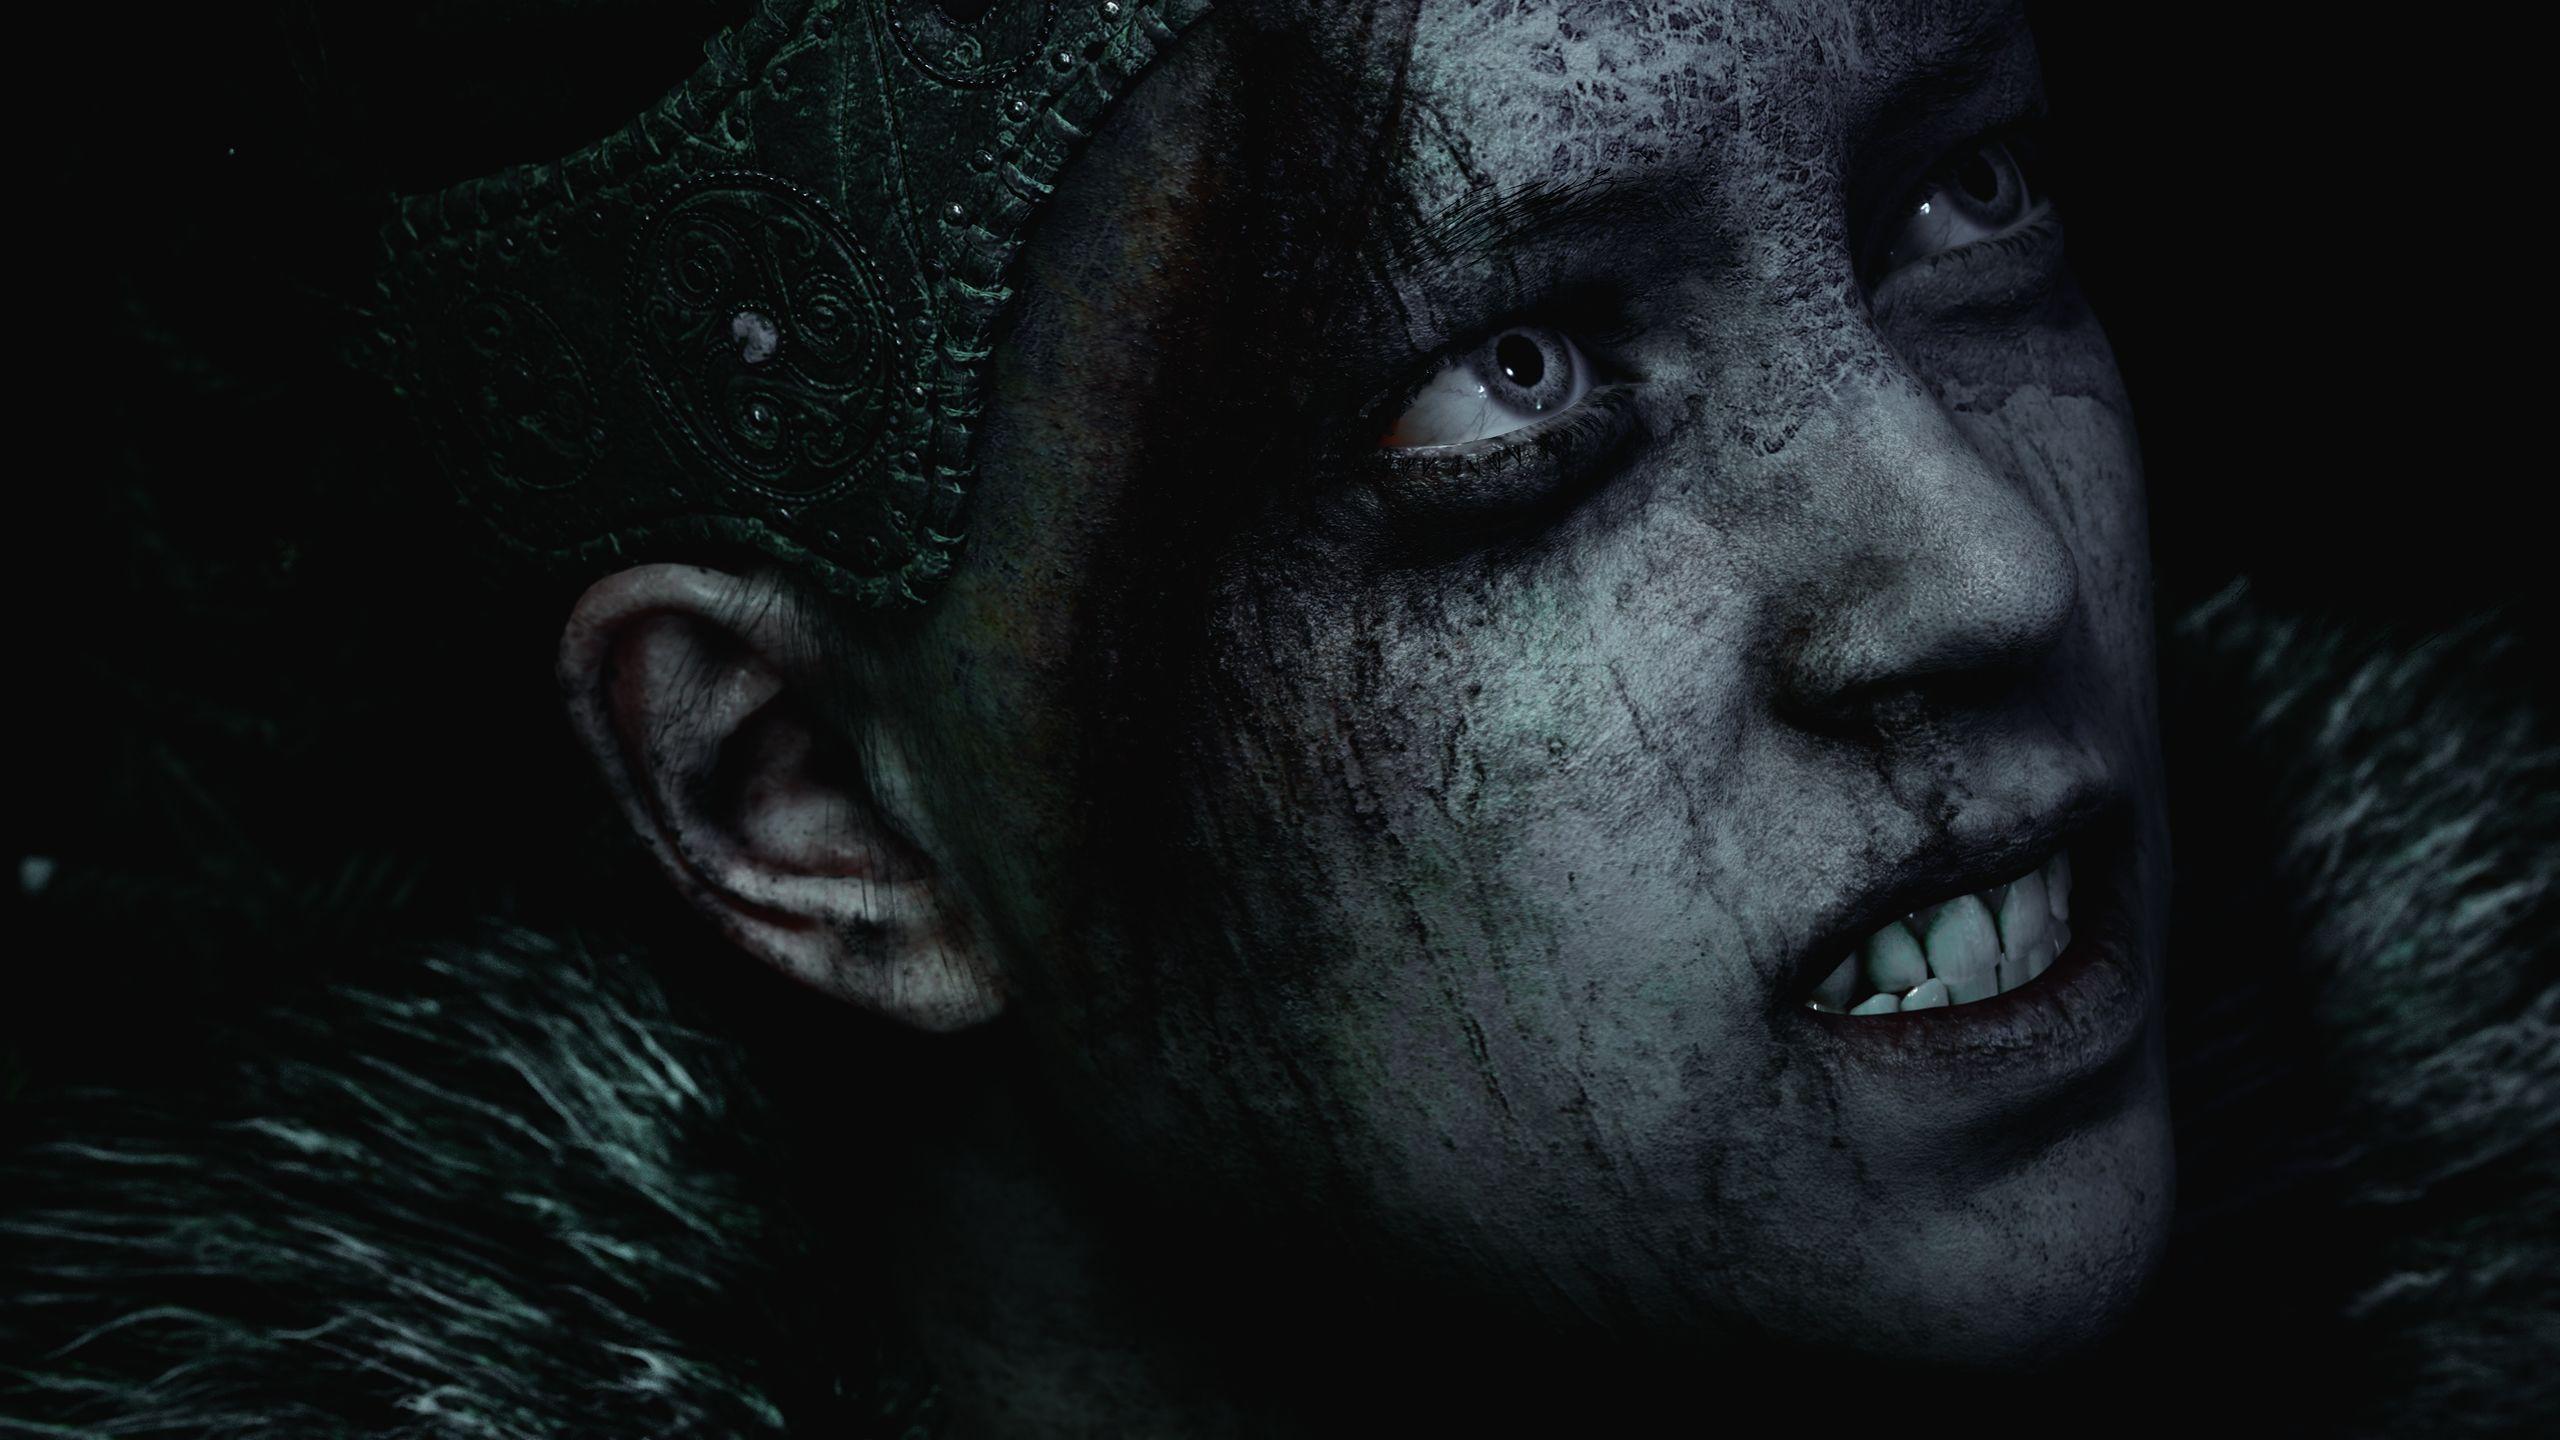 The Pict warrior fighting her inner demons